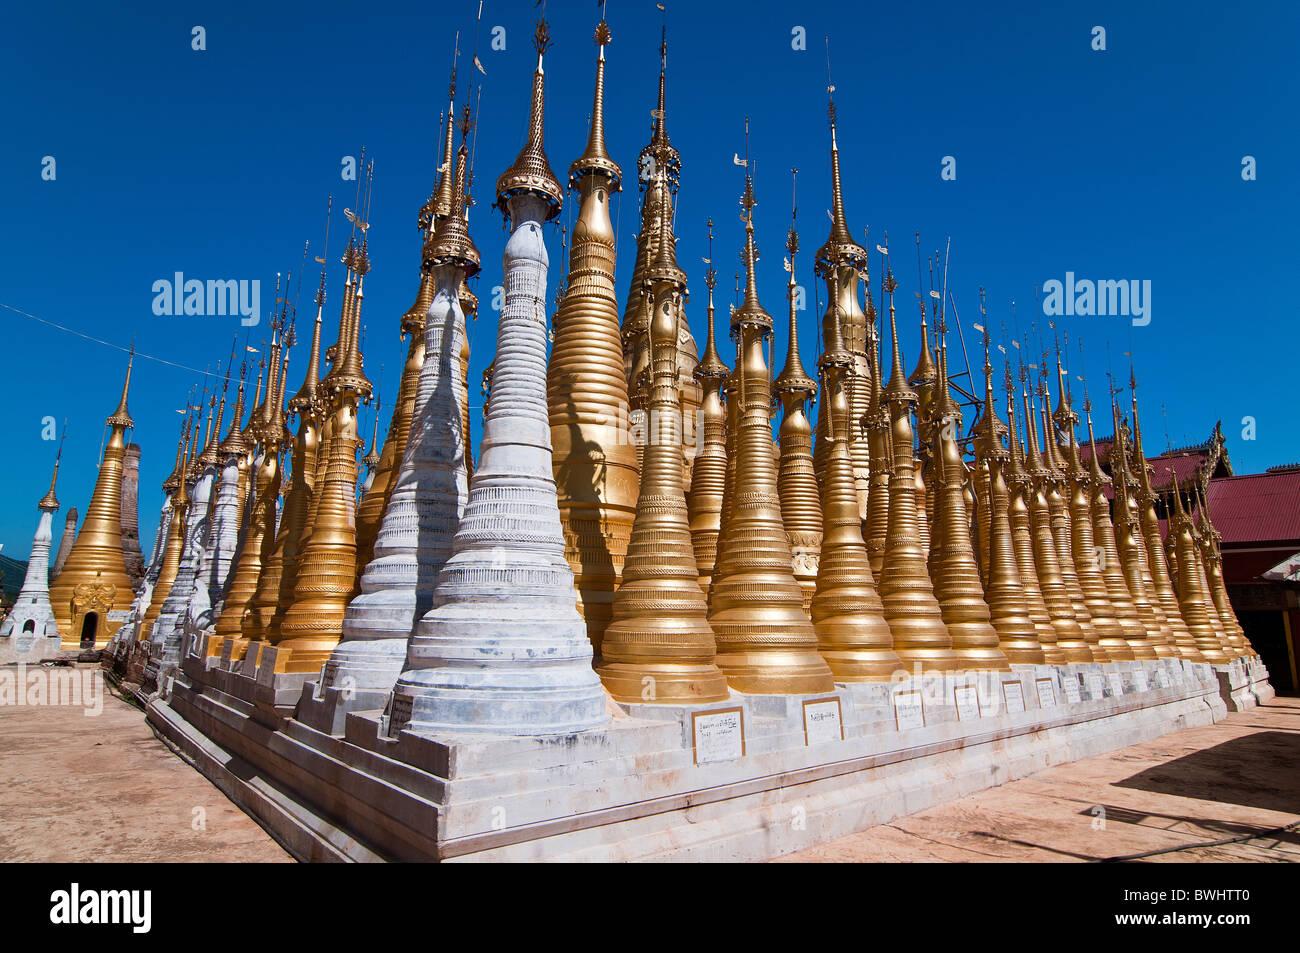 Golden stupas, Shwe Inn Thein Paya, Inthein, Inle Lake, Myanmar - Stock Image